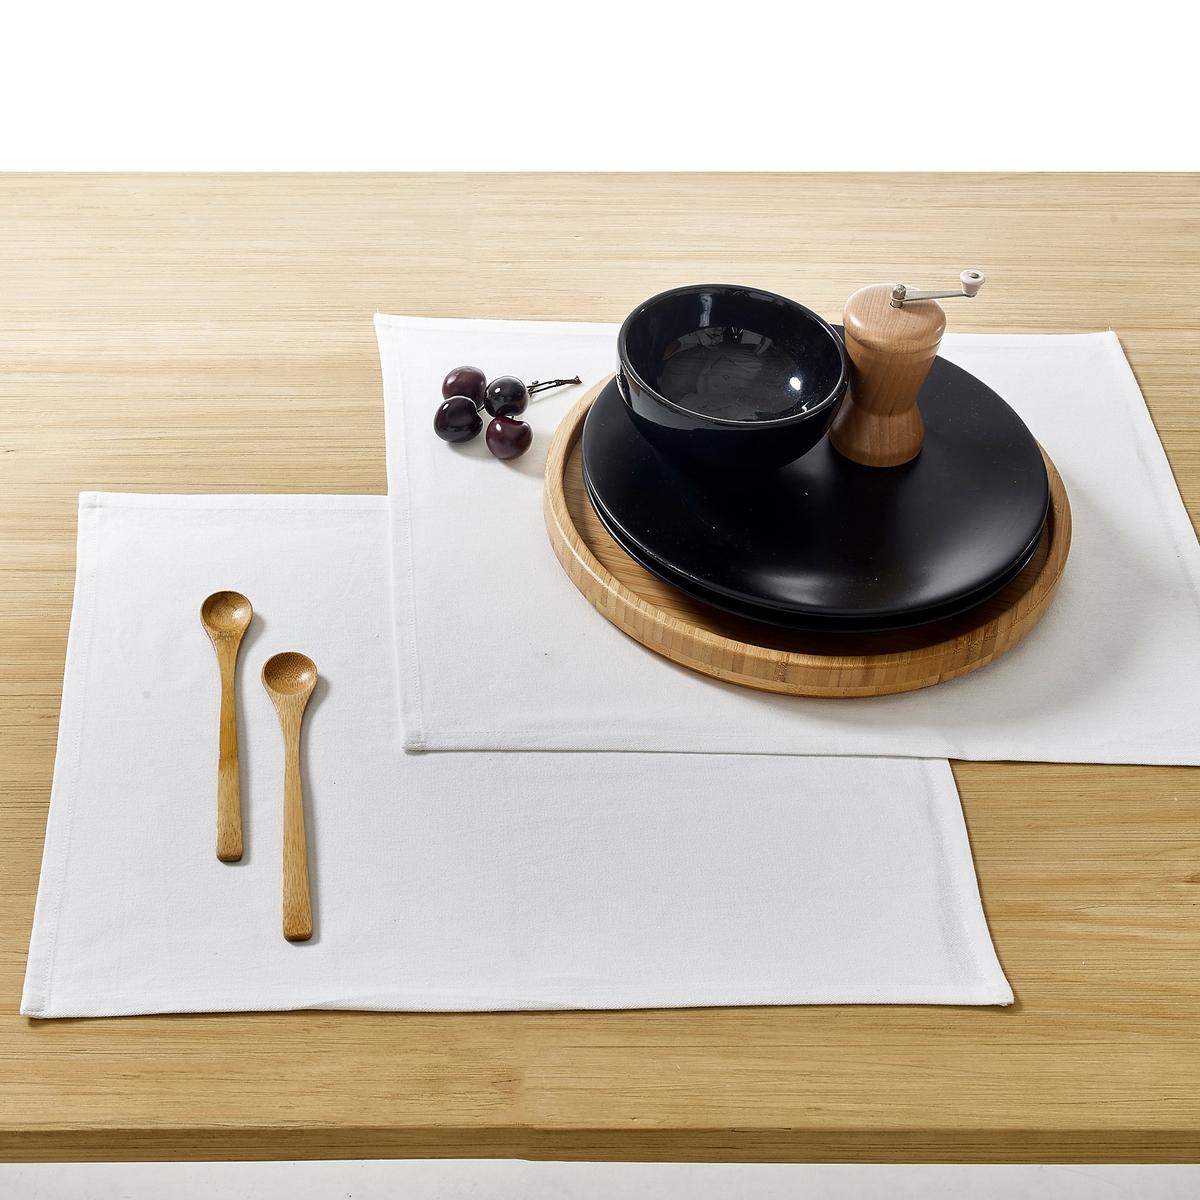 Комплект из 4 салфеток под столовый прибор, с обработкой против пятен